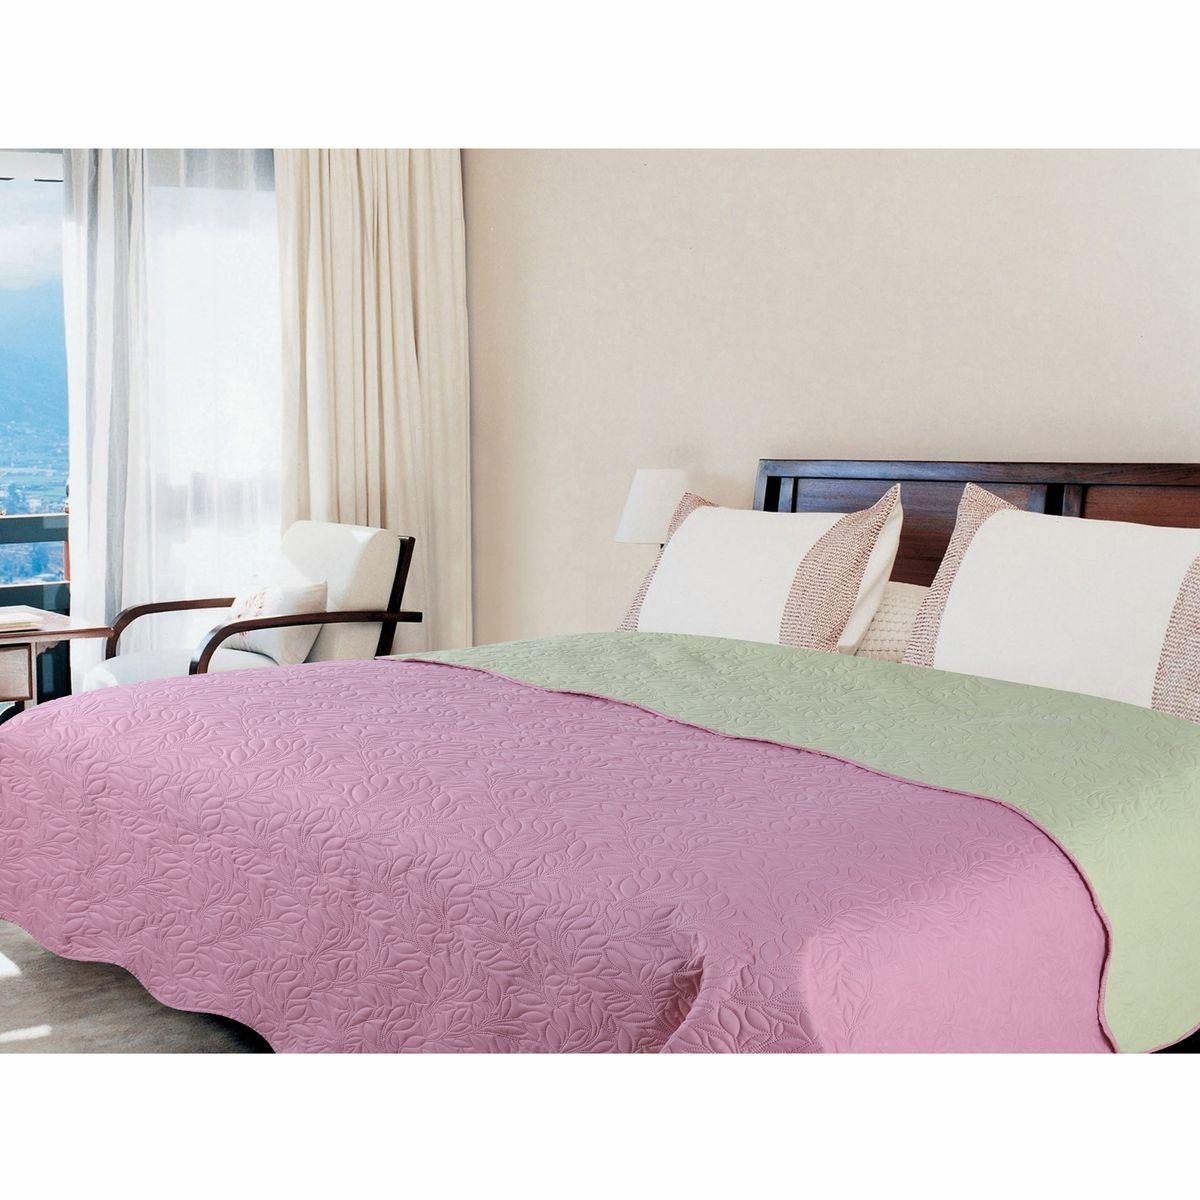 Покрывало Amore Mio Alba, цвет: розовый, зеленый, 160 х 200 см. 7543275432Покрывала Multi Amore Mio - Идеальное Решение для современного интерьера! Amore Mio – Комфорт и Уют - Каждый день! Amore Mio предлагает оценить соотношение цены и качества коллекции. Разнообразие ярких и современных дизайнов прослужат не один год и всегда будут радовать Вас и Ваших близких сочностью красок и красивым рисунком. Покрывало Multi Amore Mio - однотонное, с кантом. Каждая сторона имеет свой цвет, поэтому настроение можно поменять, лишь перевернув покрывало на другую сторону. Покрывало приятное, мягкое, легкое, может послужить не только на кровати, но и в качестве облегченного одеяла, а также как дорожного пледа, великолепно в качестве покрывала для пикников. Занимает мало места, легко стирается, неприхотливо в уходе, приятным бонусом станет низкая цена.